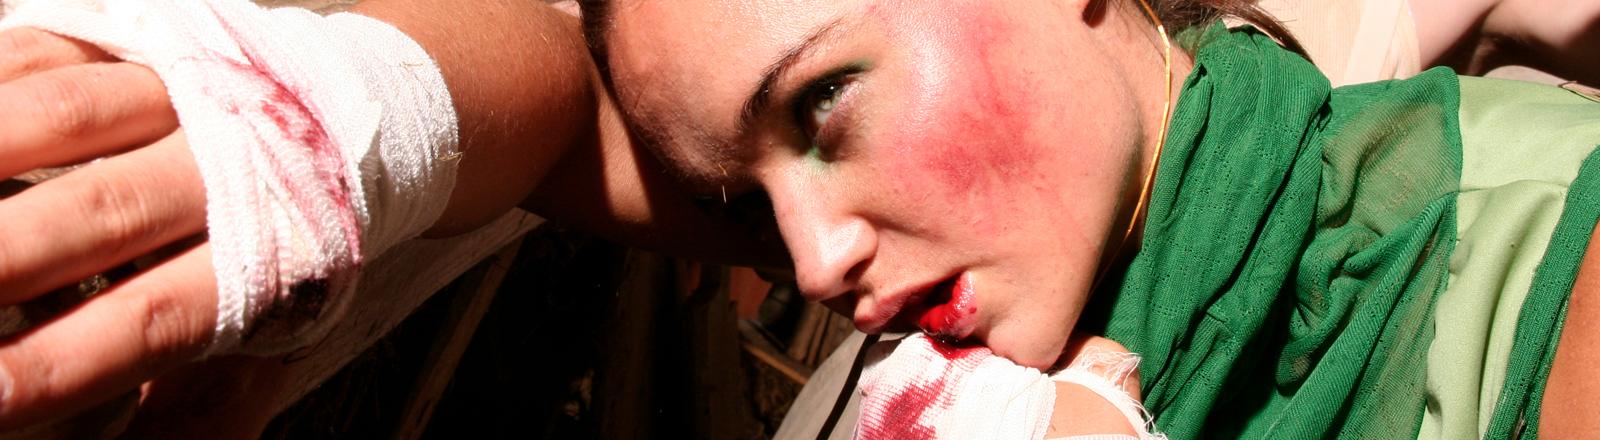 Ein Frau mit Kampfspuren im Gesicht